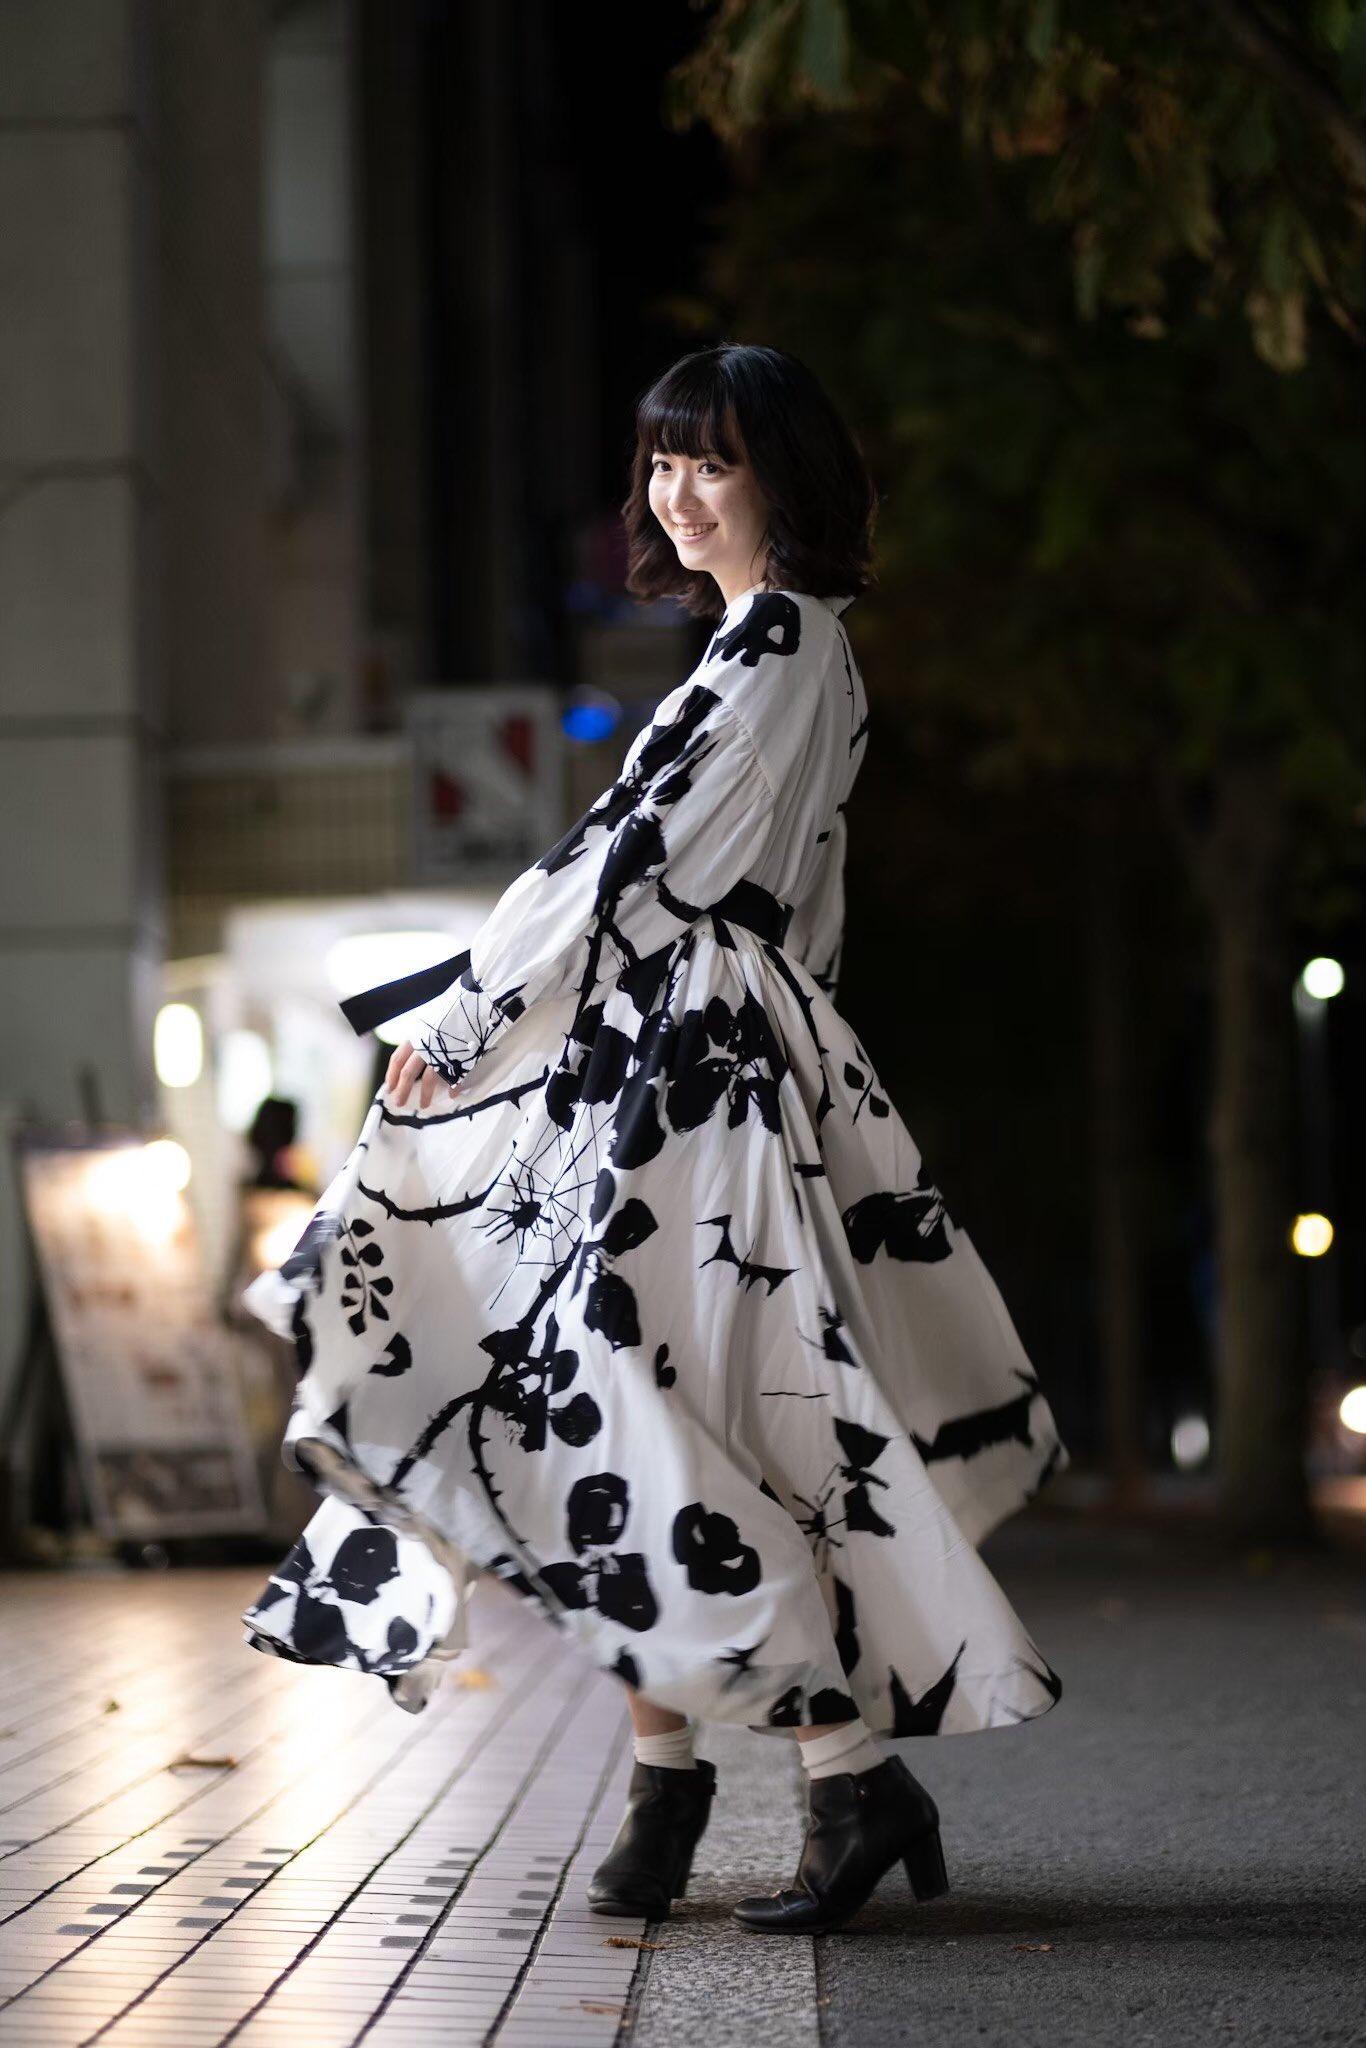 【画像】彼女がこの服でデートにきたらどうする?w